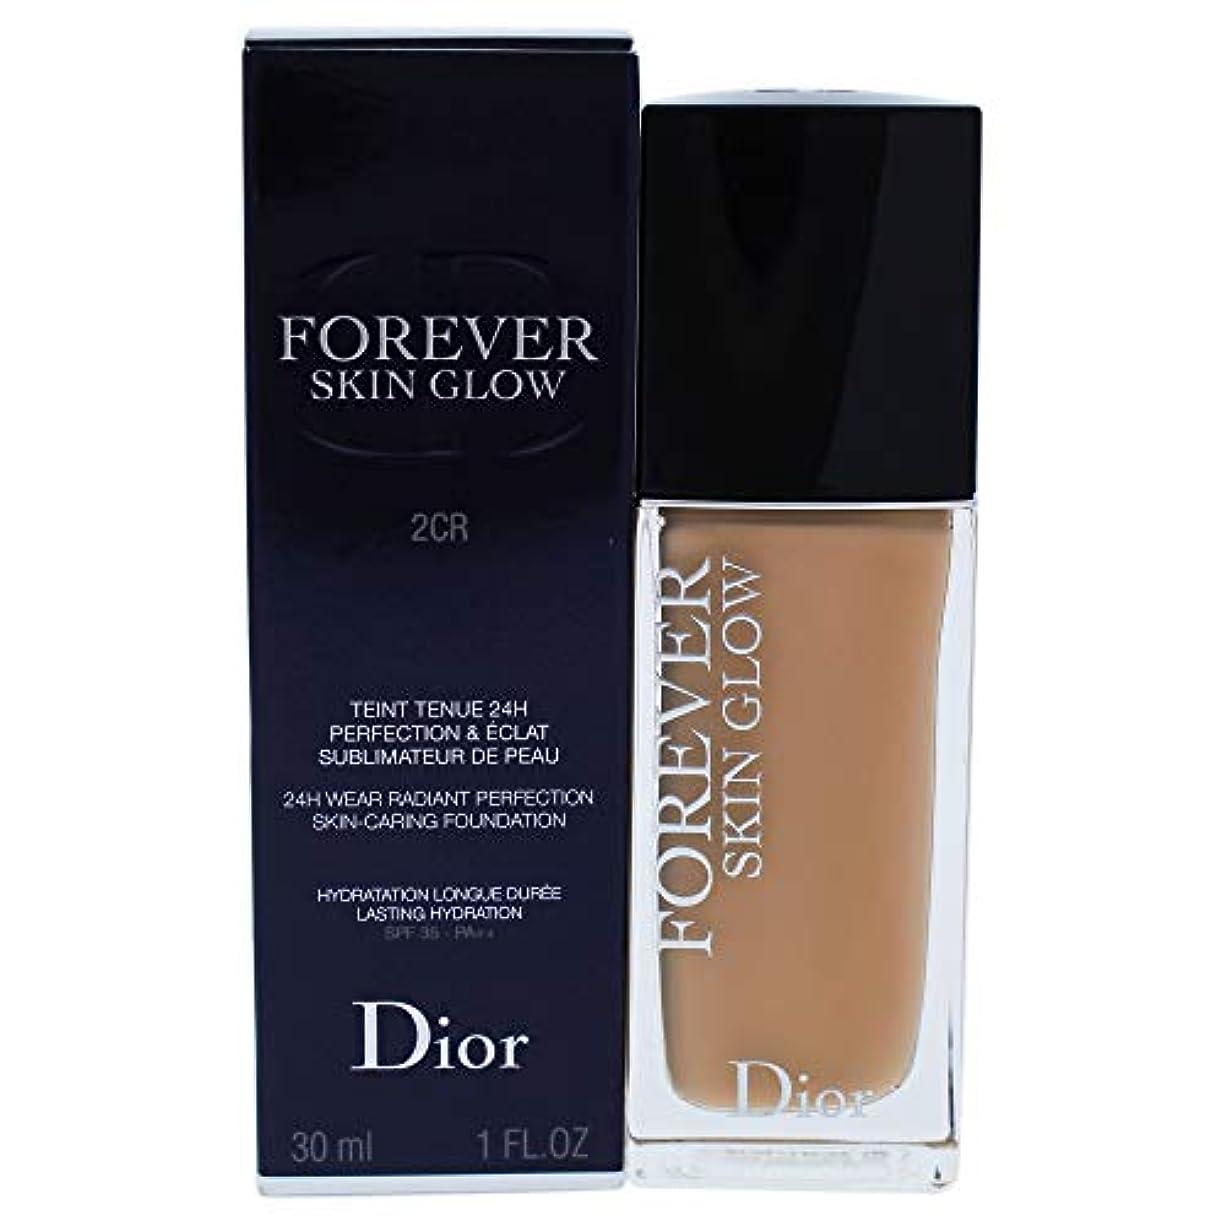 区別ジェットコミュニティクリスチャンディオール Dior Forever Skin Glow 24H Wear High Perfection Foundation SPF 35 - # 2CR (Cool Rosy) 30ml/1oz並行輸入品